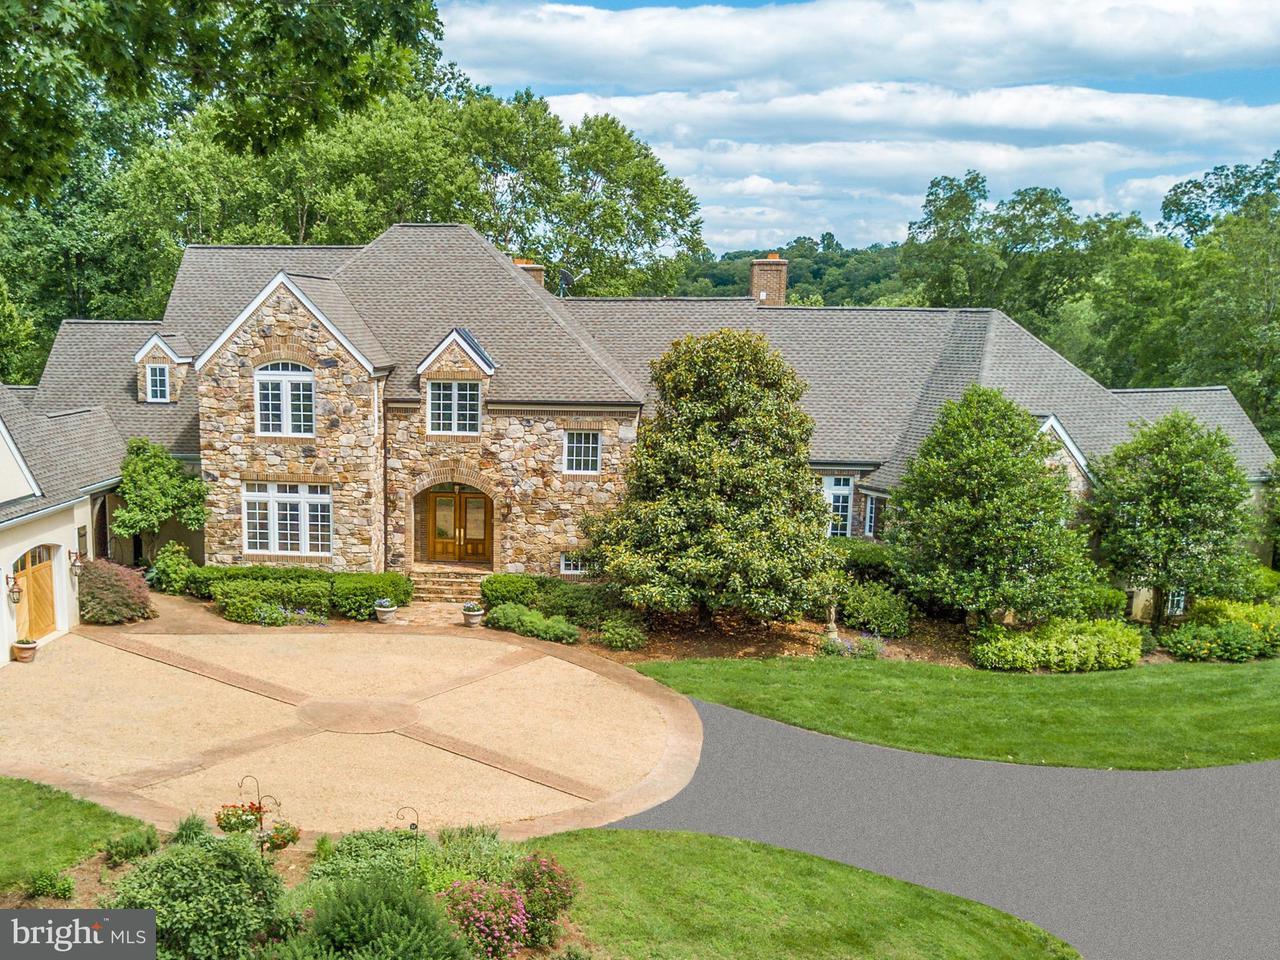 Μονοκατοικία για την Πώληση στο 1679 N Poes Road 1679 N Poes Road Flint Hill, Βιρτζινια 22627 Ηνωμενεσ Πολιτειεσ